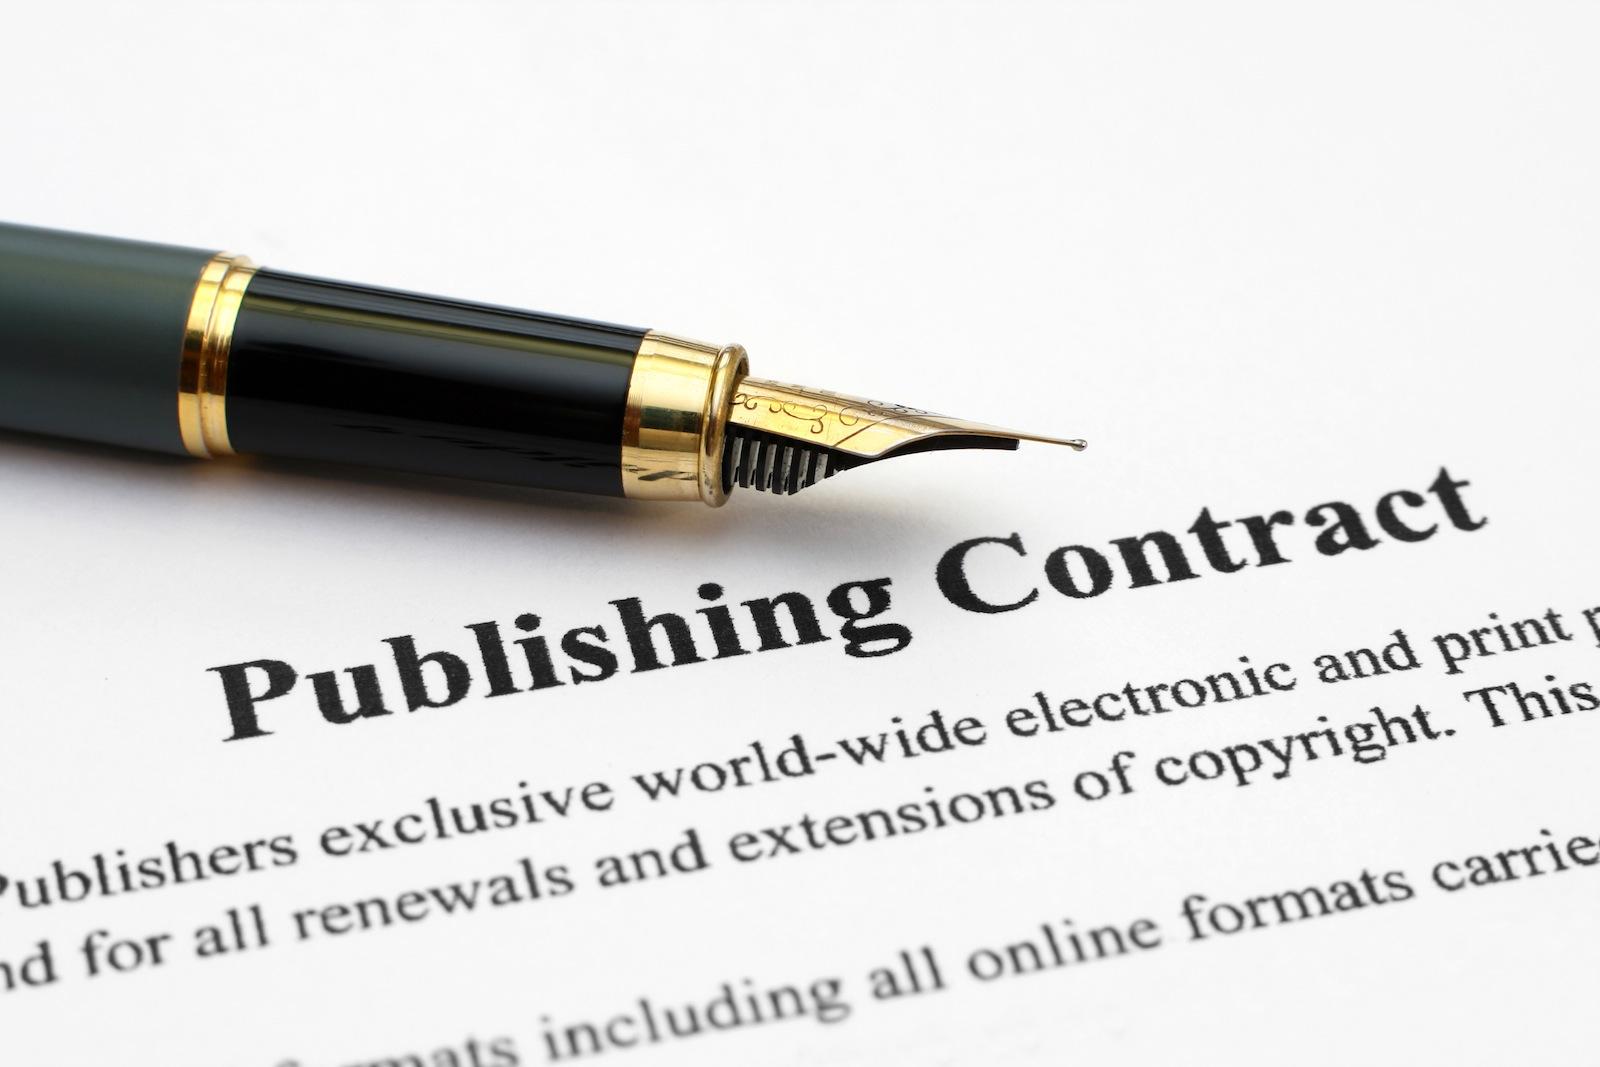 چگونه به یک قرارداد چاپ گتاب اعتماد کنیم